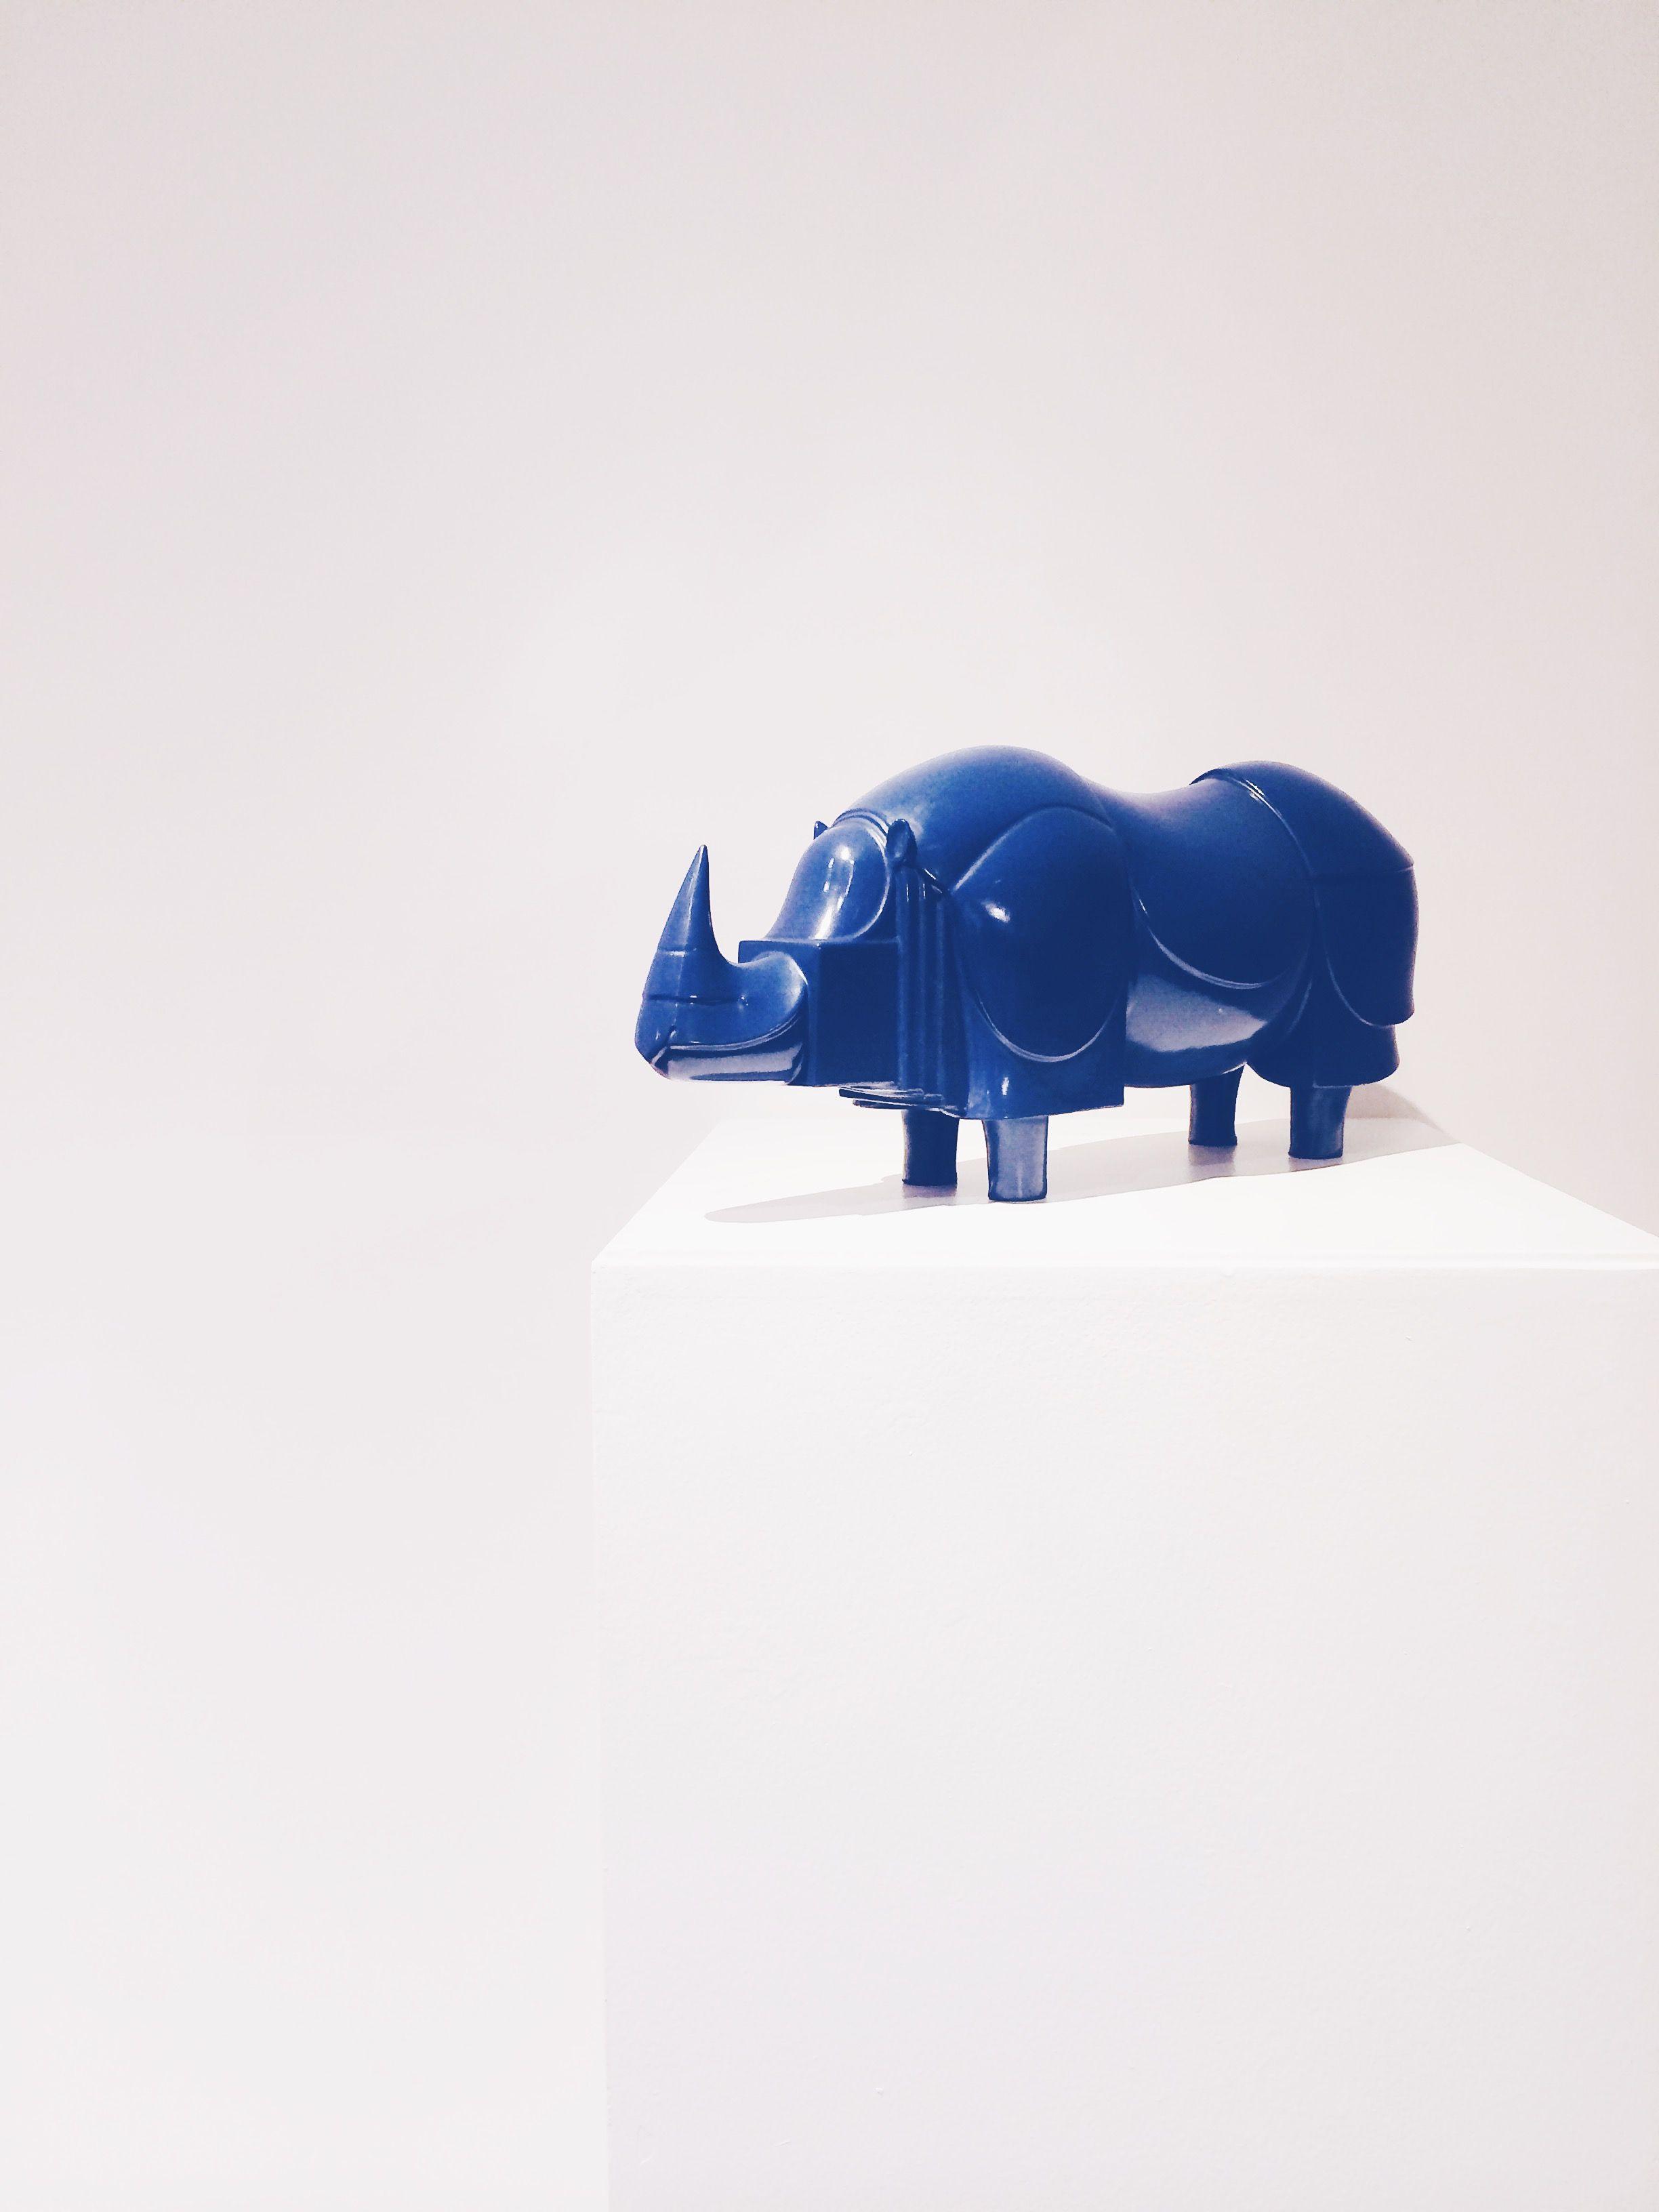 François-Xavier Lalanne Rhinoceros Bleu 1981 | rr | Art, Artist ...